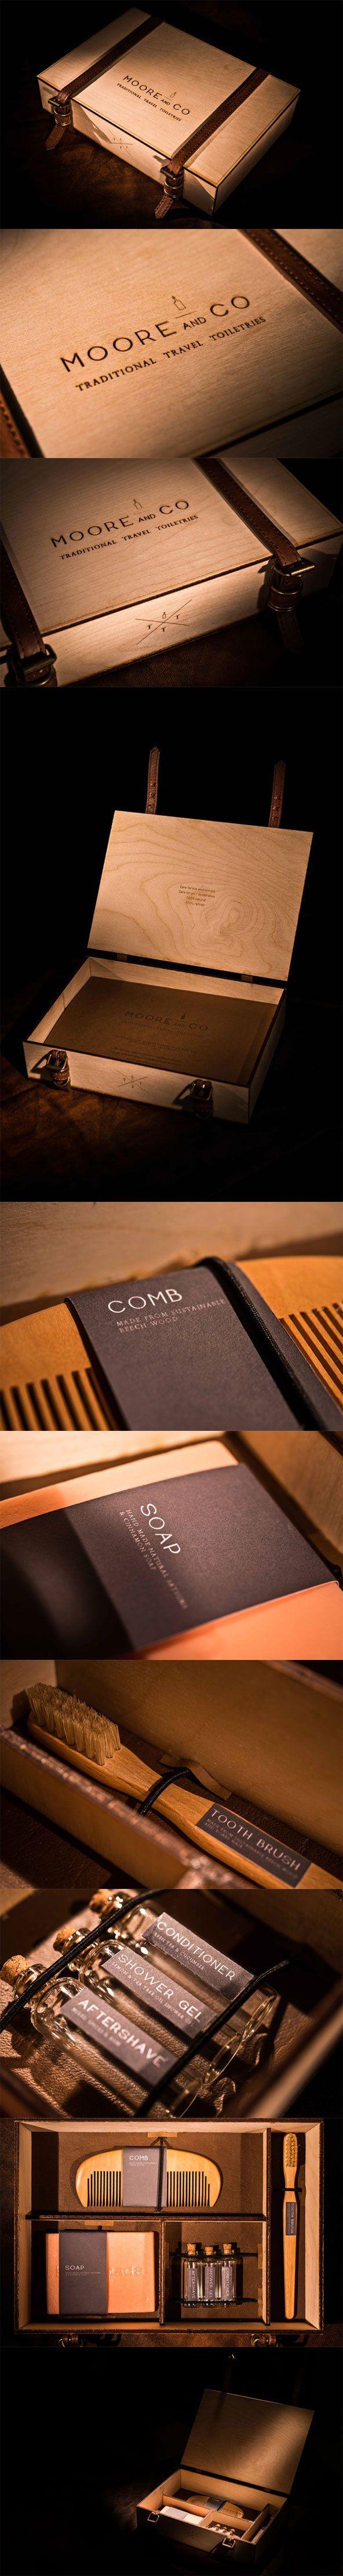 [精選禮品包裝] 禮輕,情意重 » ㄇㄞˋ點子靈感創意誌